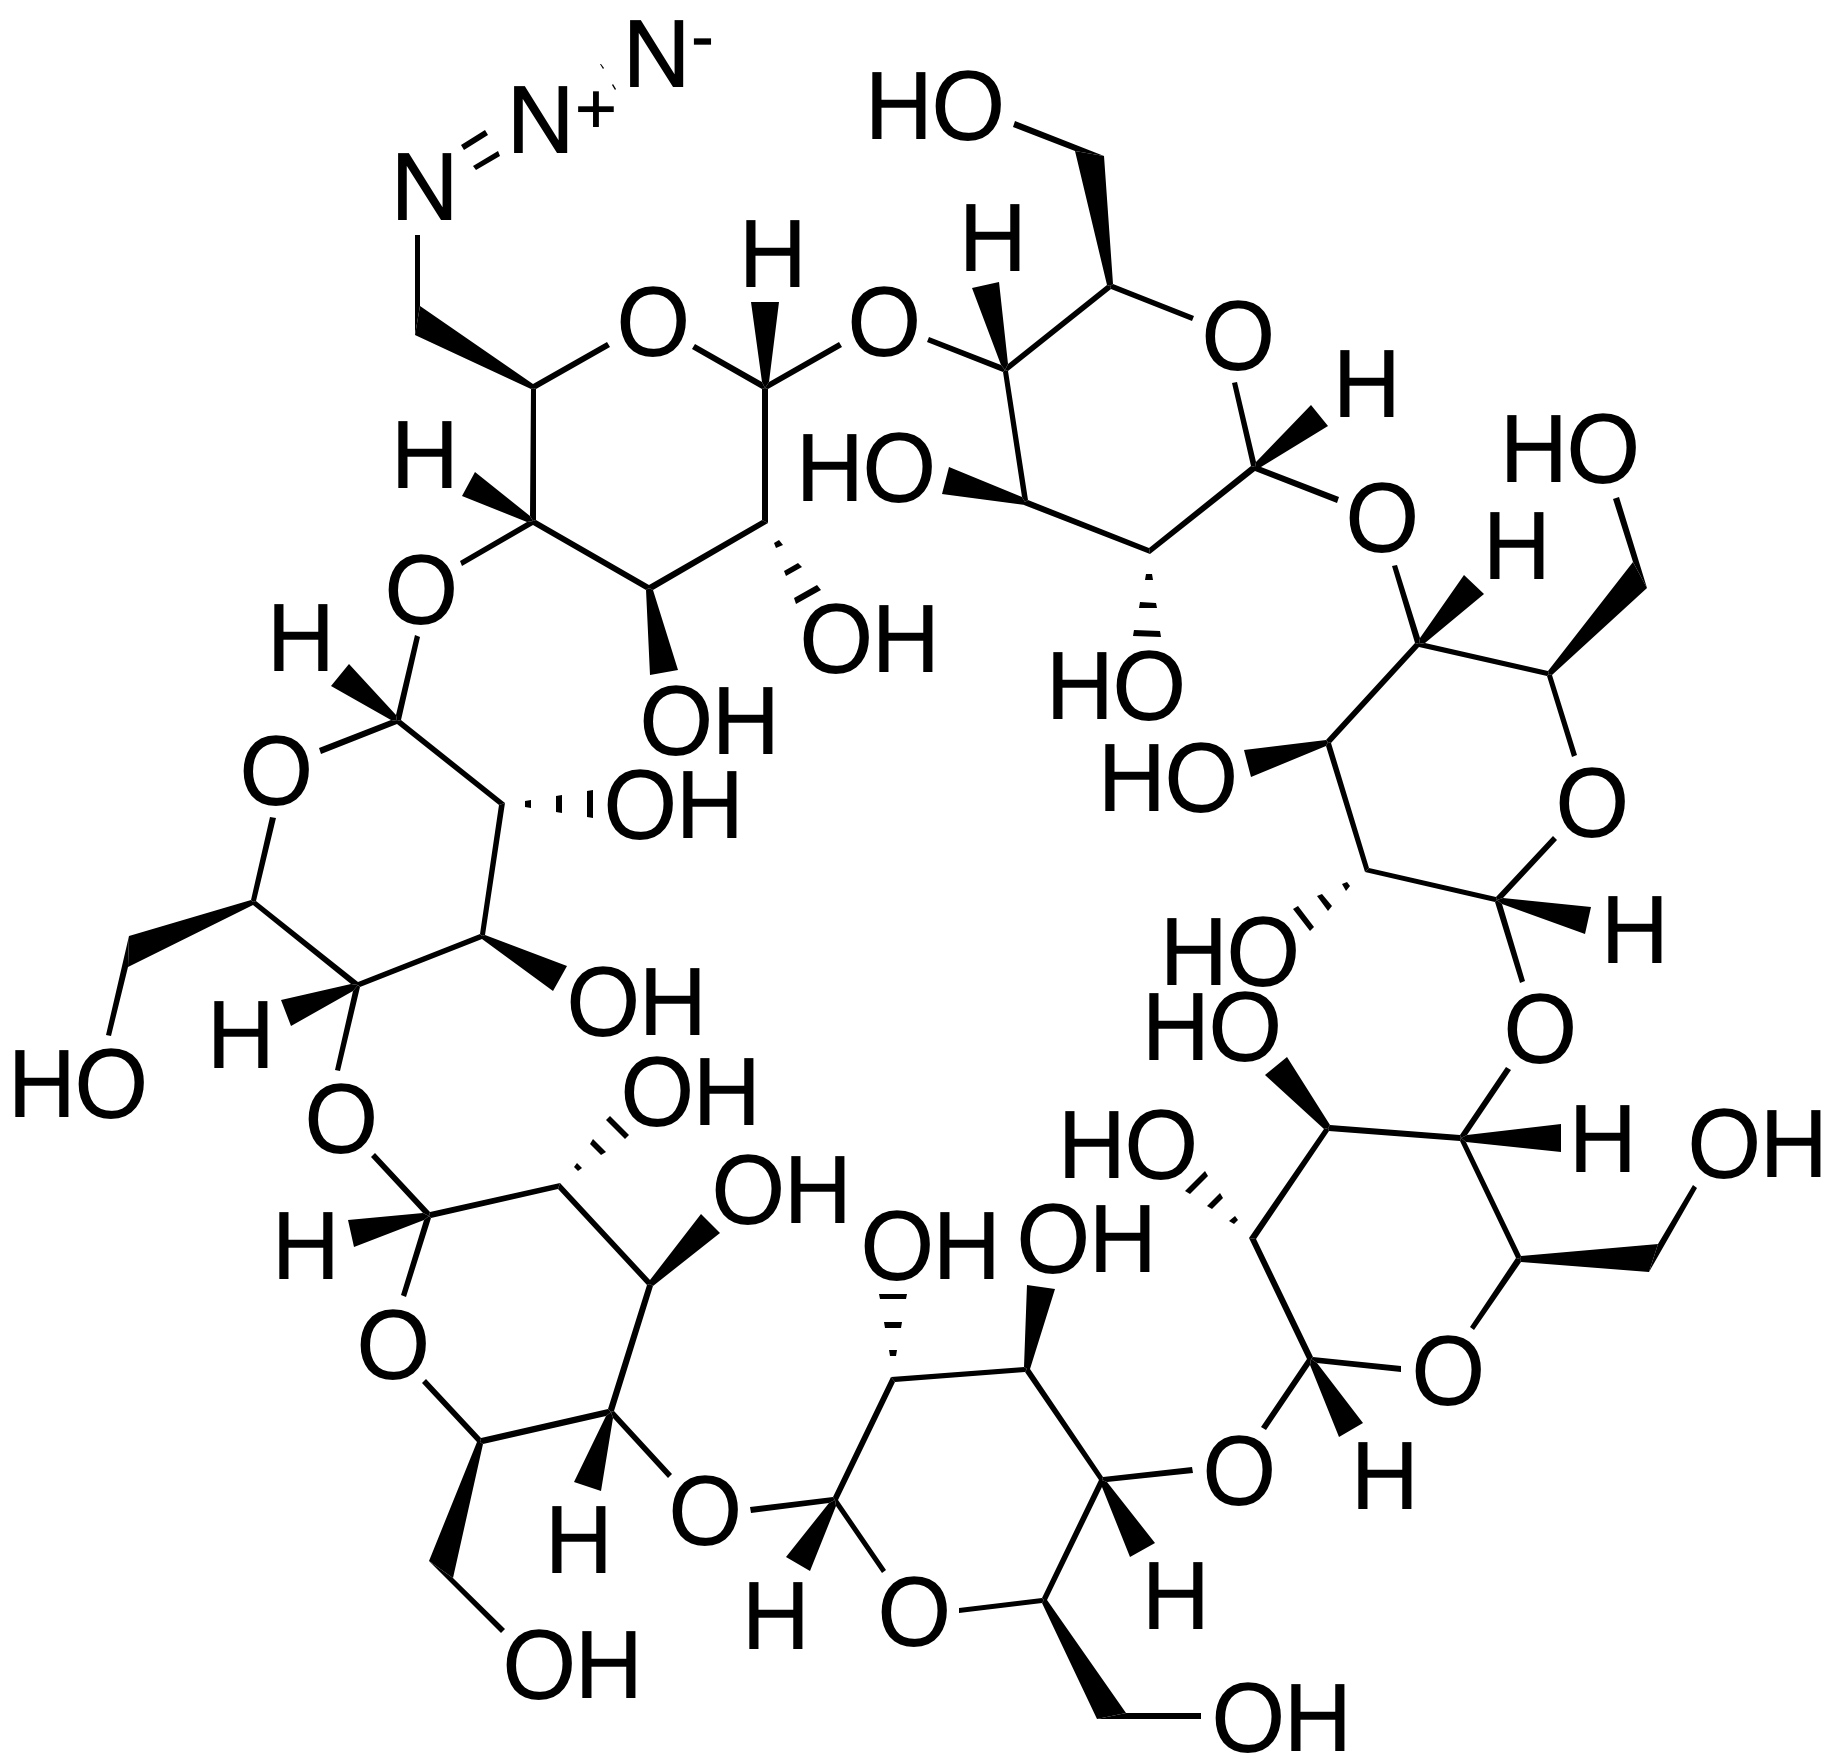 Mono-6-deoxy-6-azido-β-cyclodextrin (85%)